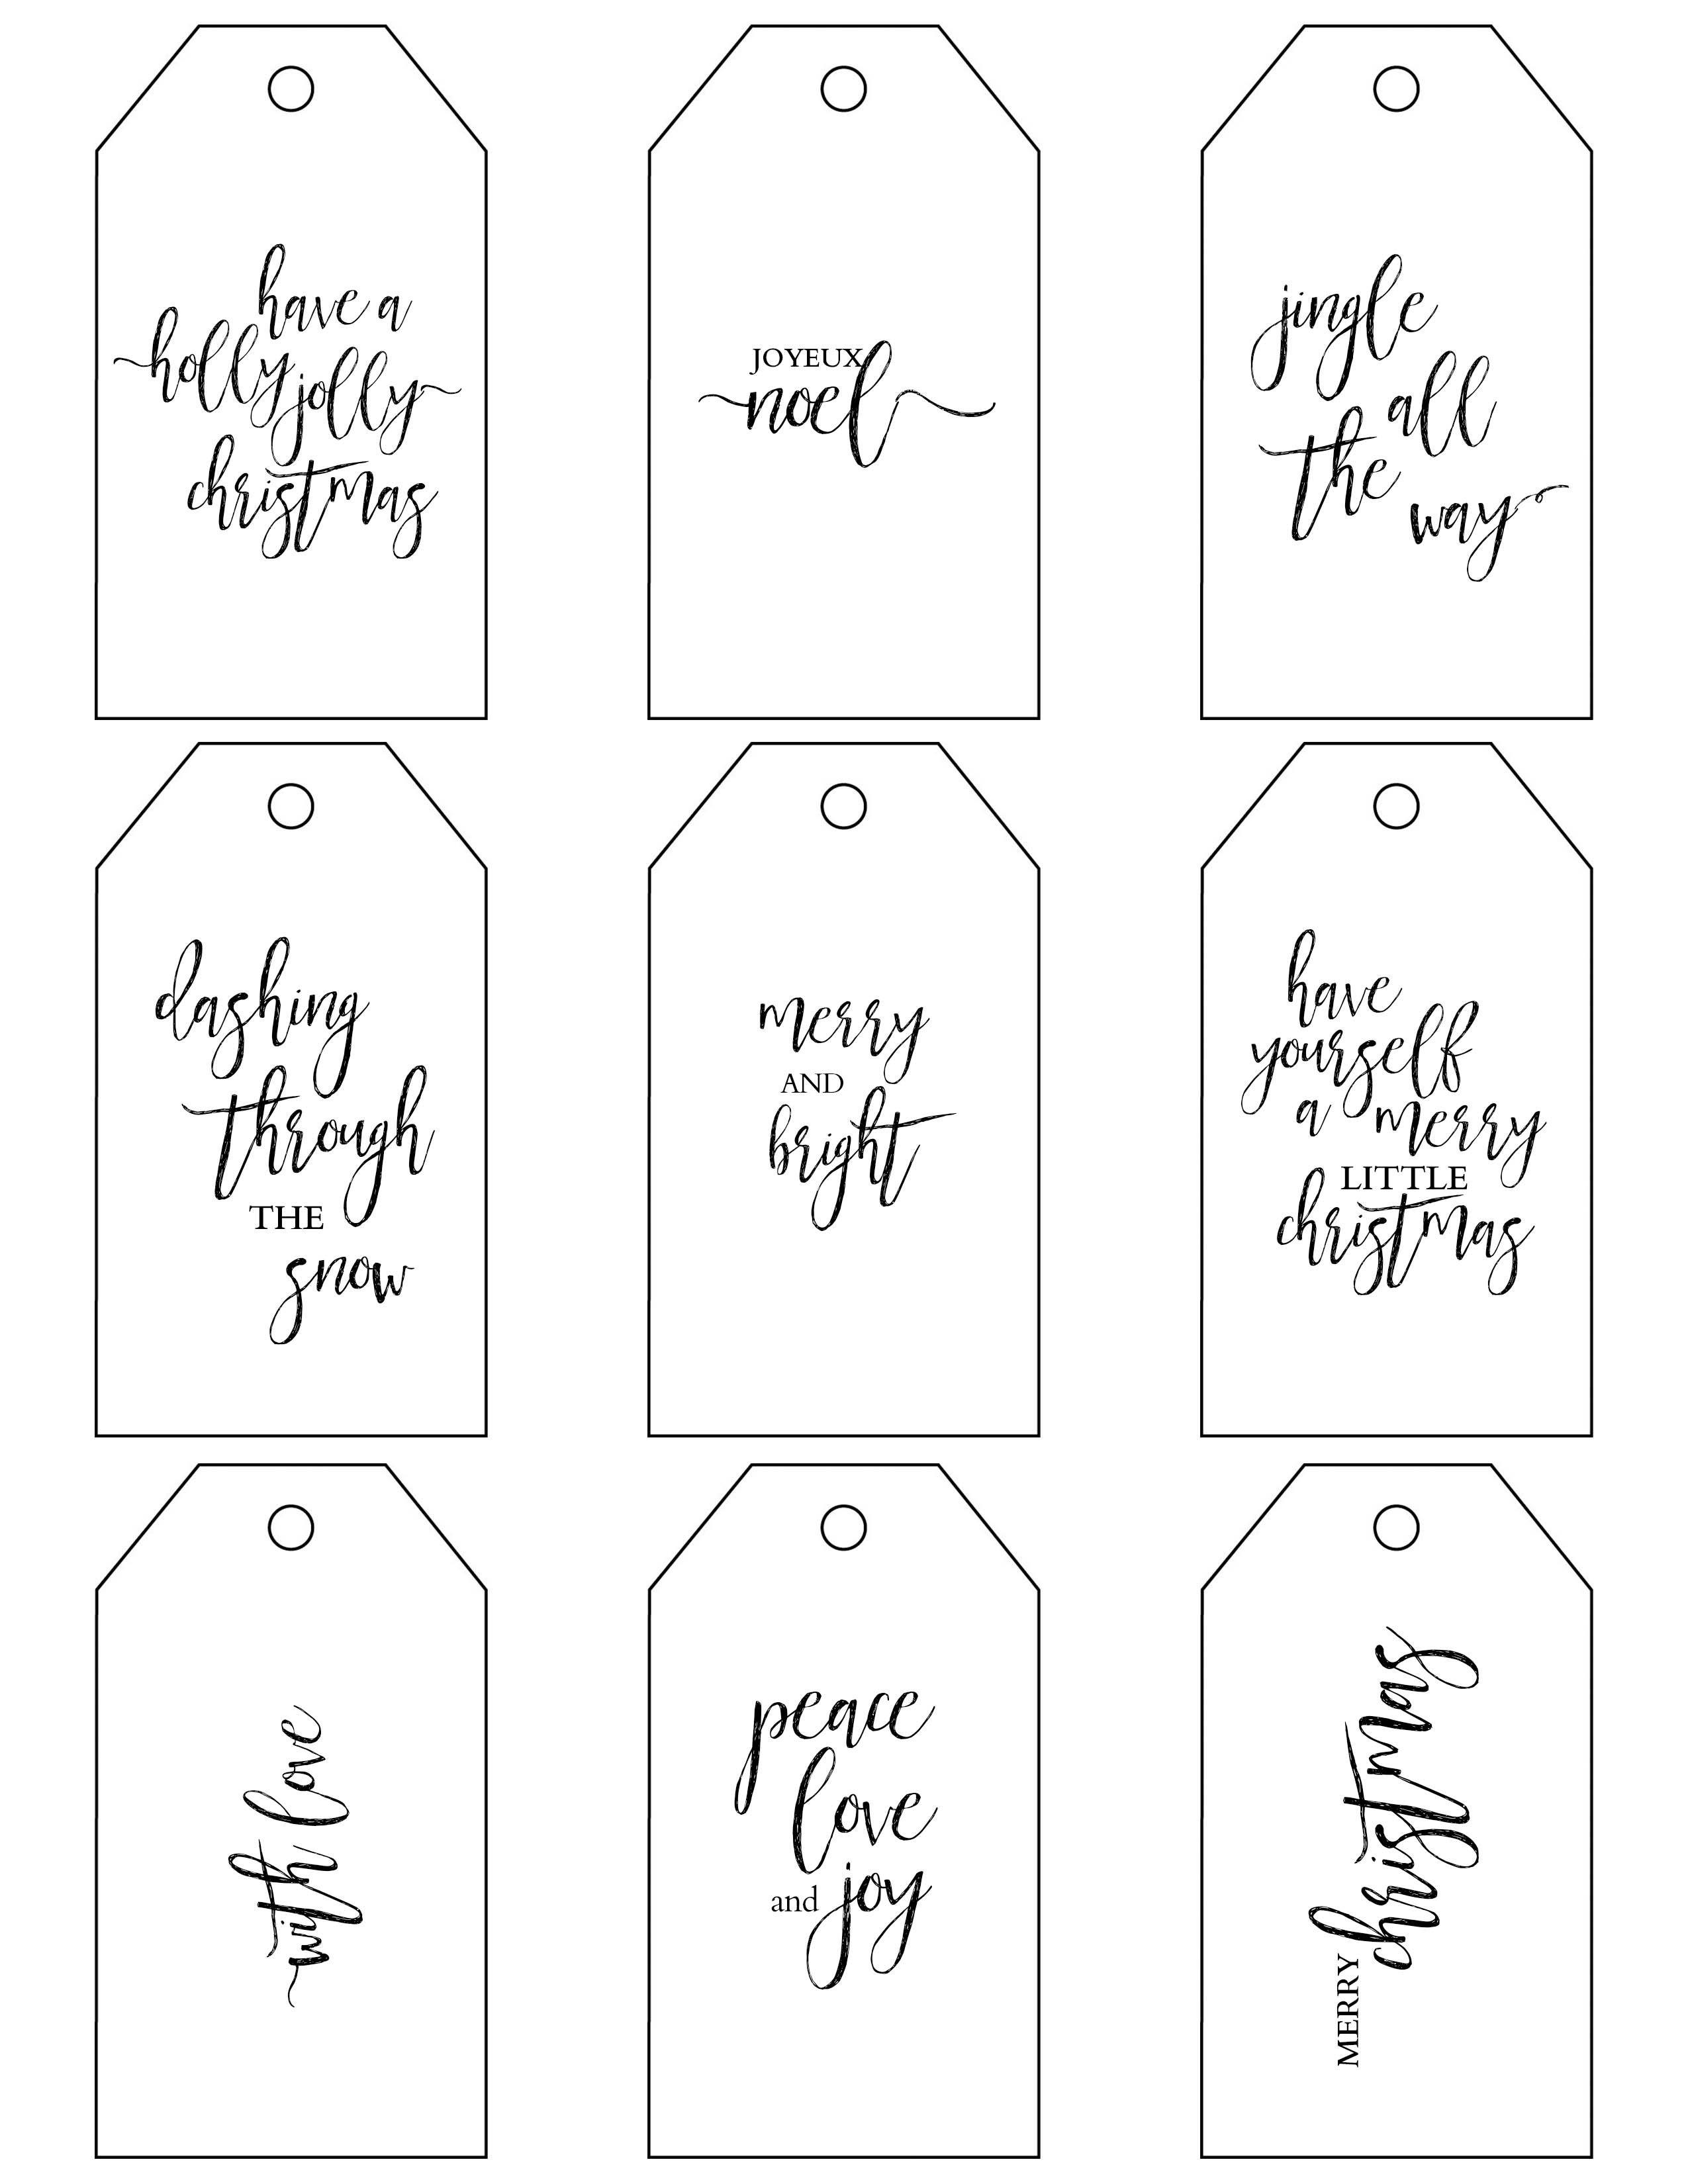 Printable Christmas Gift Tags Make Holiday Wrapping Simple - Christmas Gift Tags Free Printable Black And White